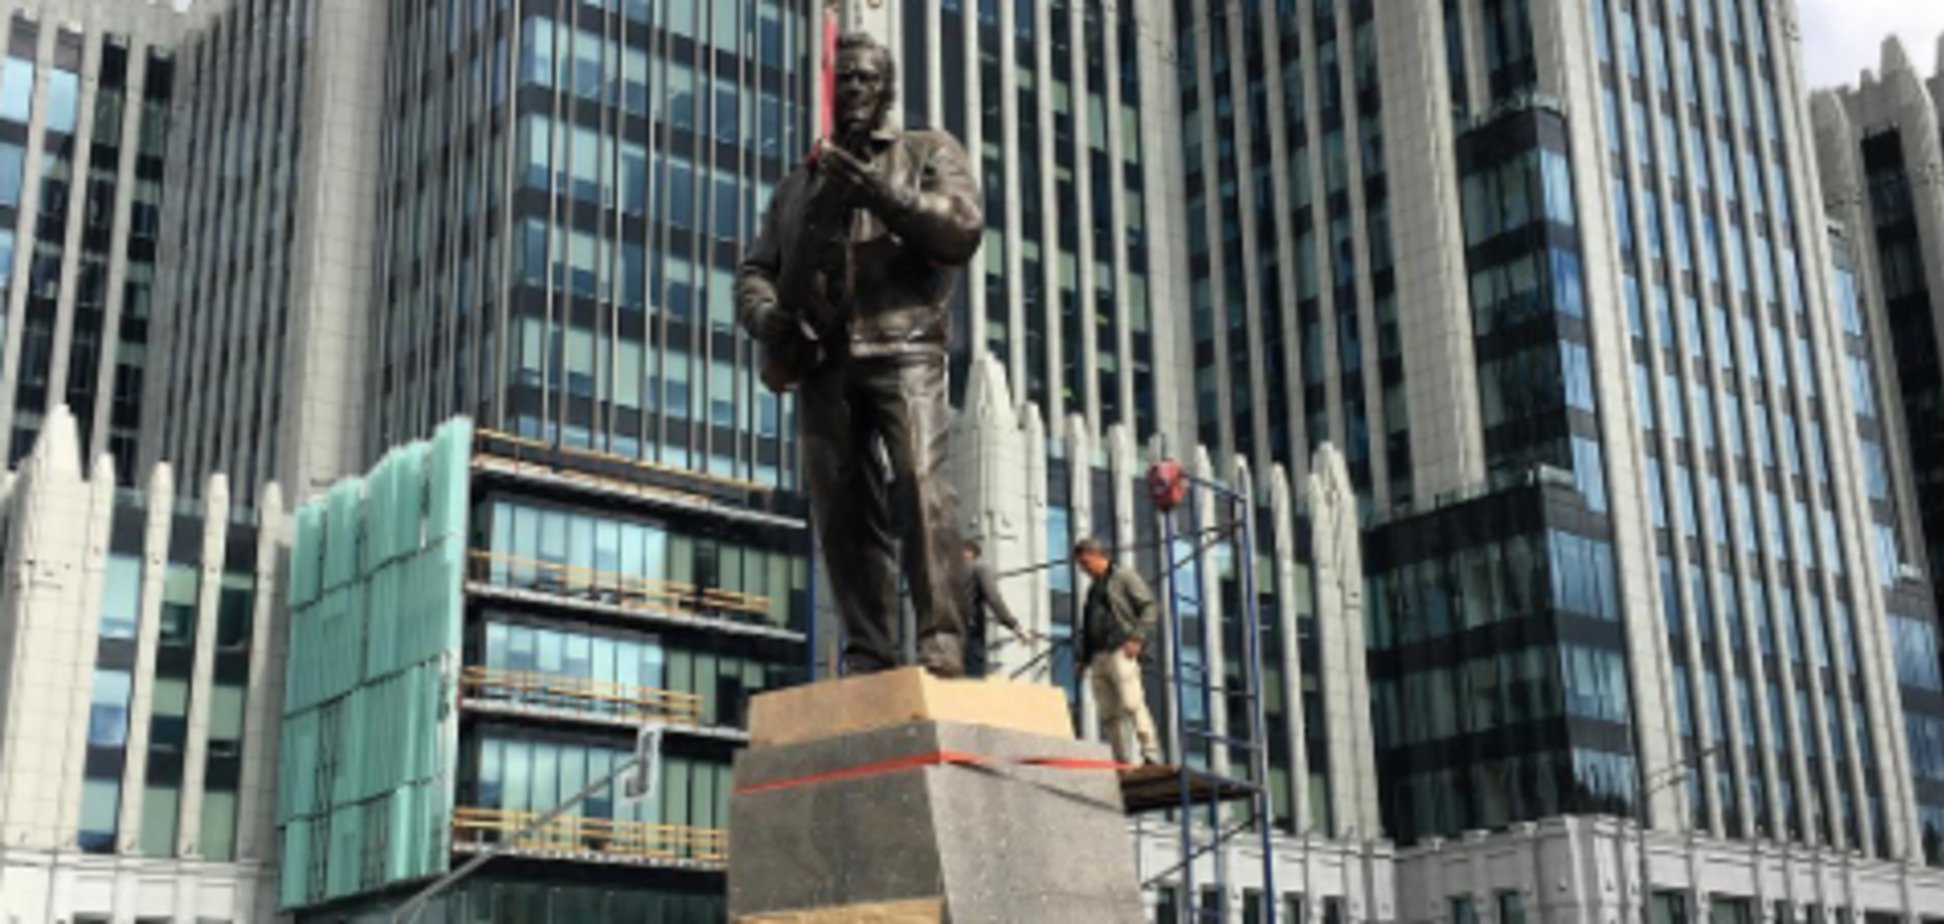 'Де захищав, в Україні?' Макаревич жорстко висловився про пам'ятник 'захиснику російських рубежів'